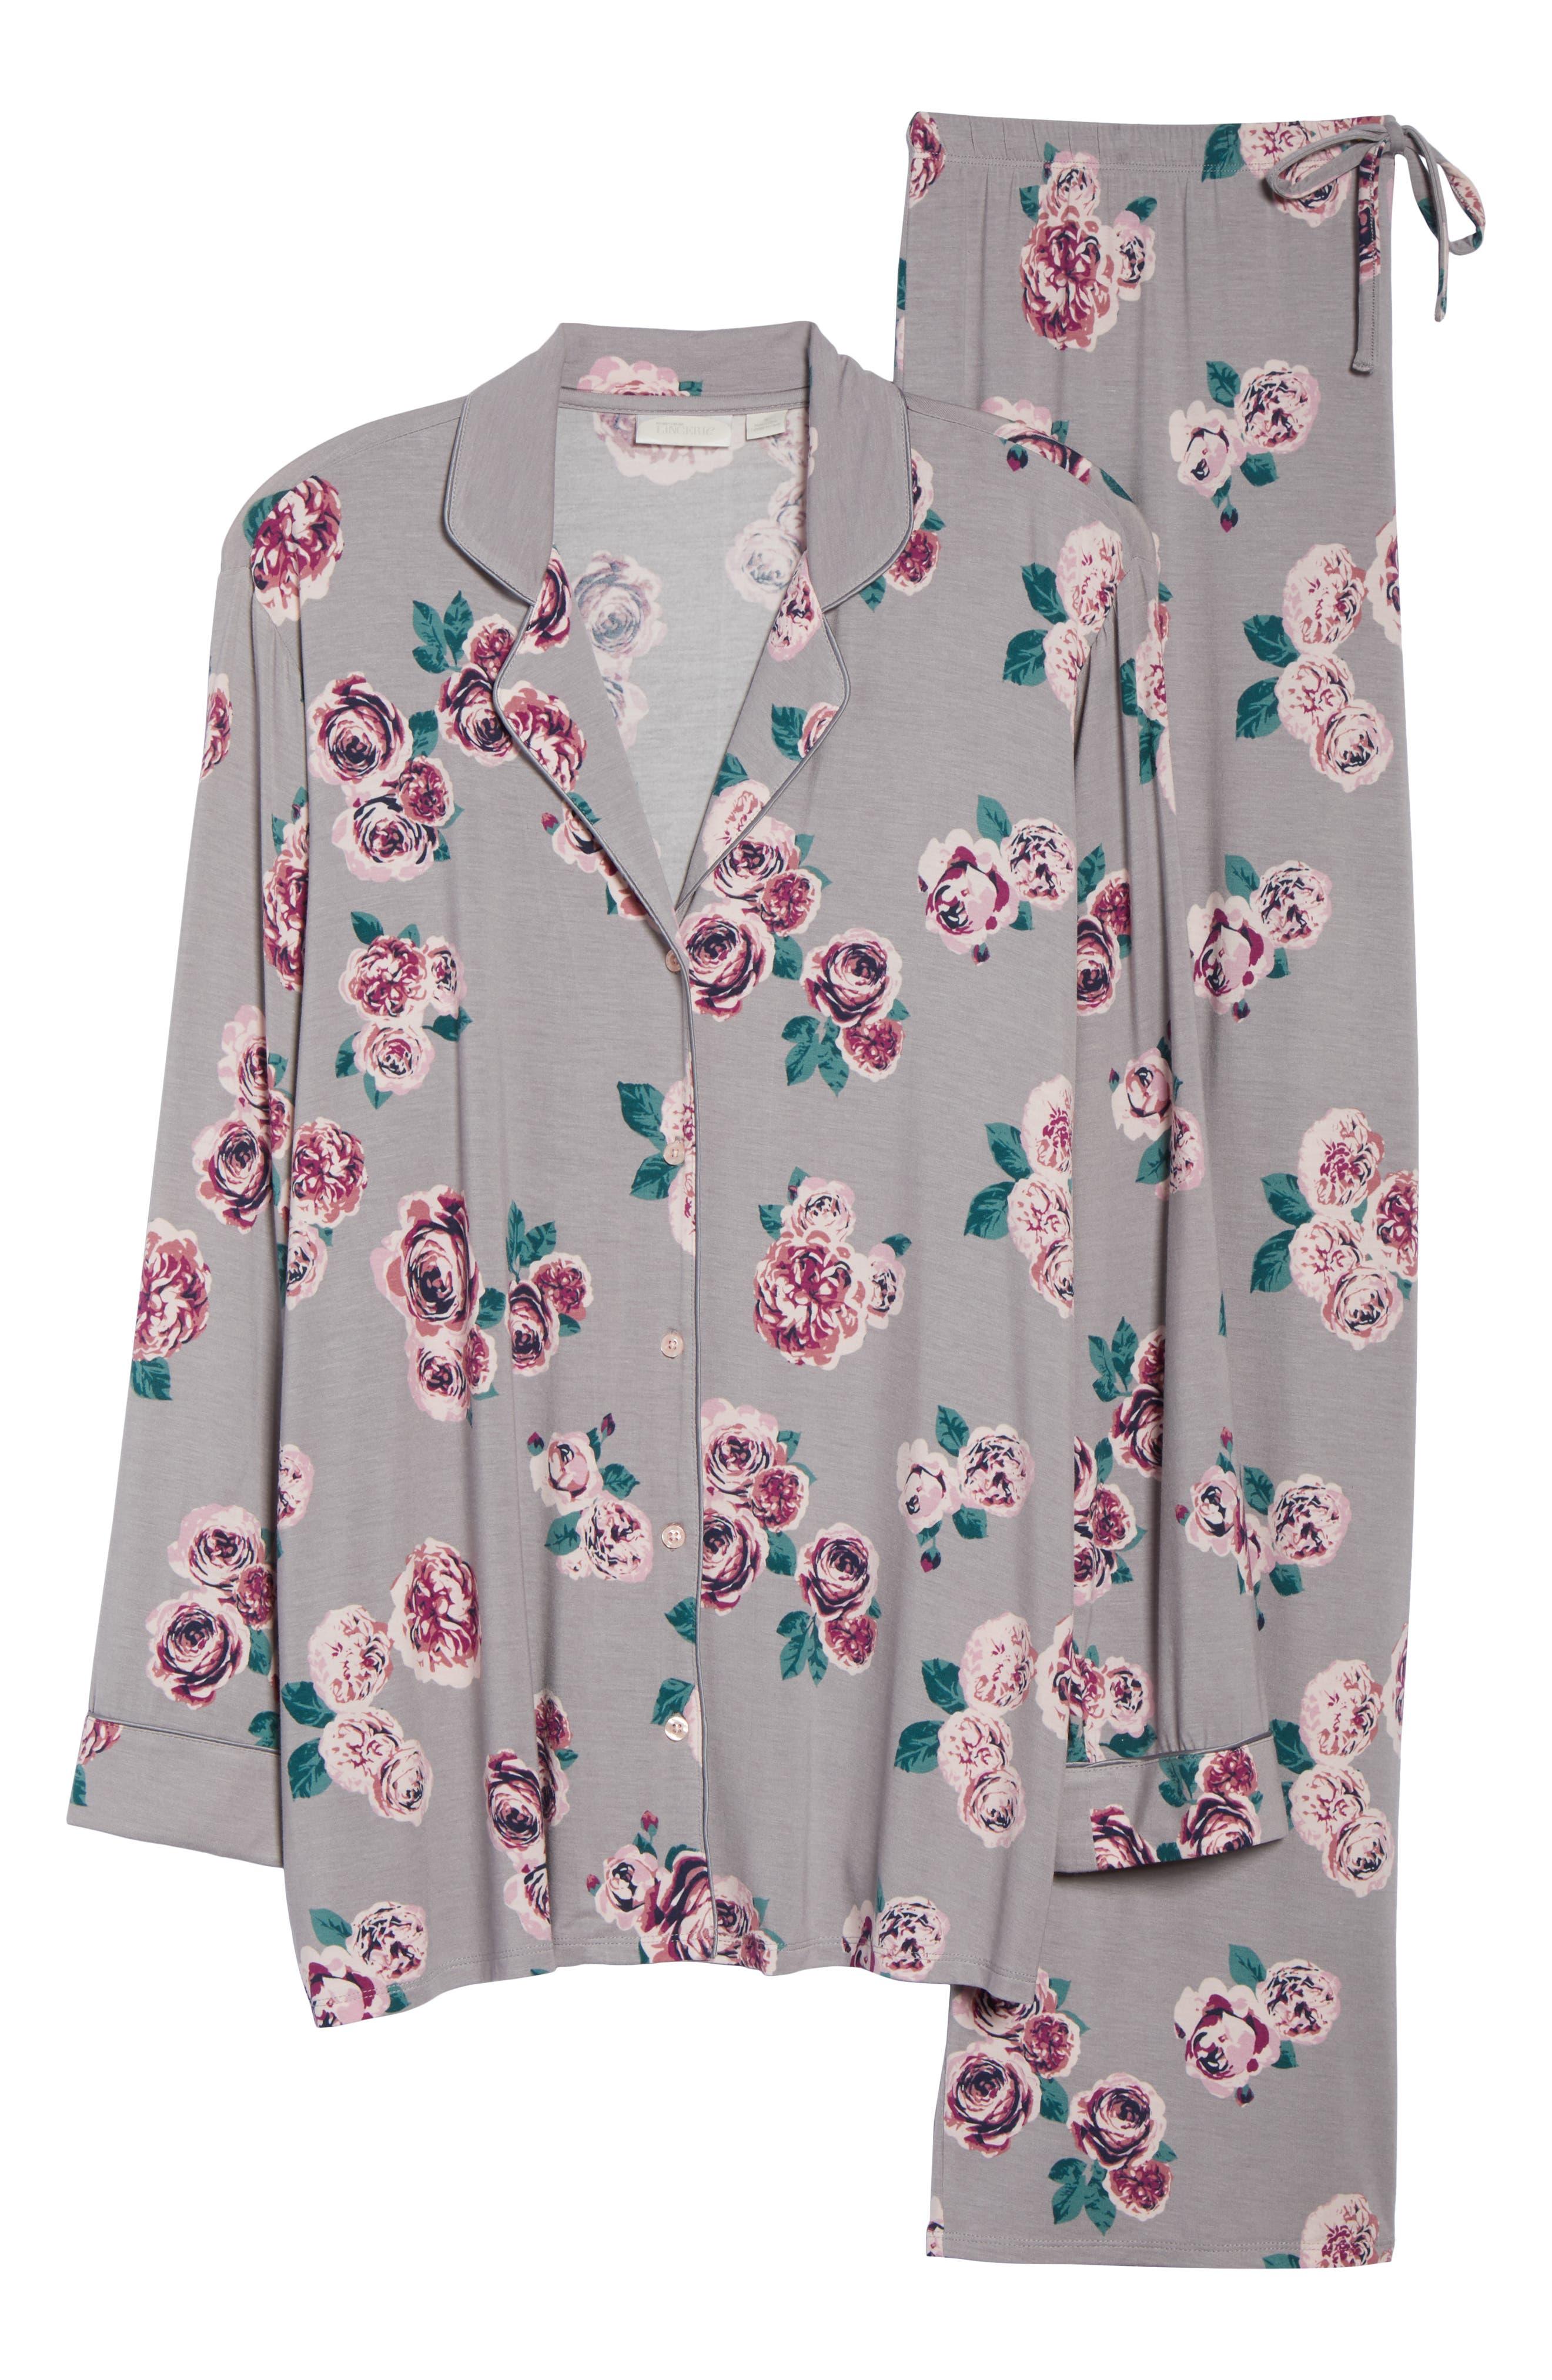 'Moonlight' Pajamas,                             Alternate thumbnail 6, color,                             GREY GULL HOLIDAY ROSE